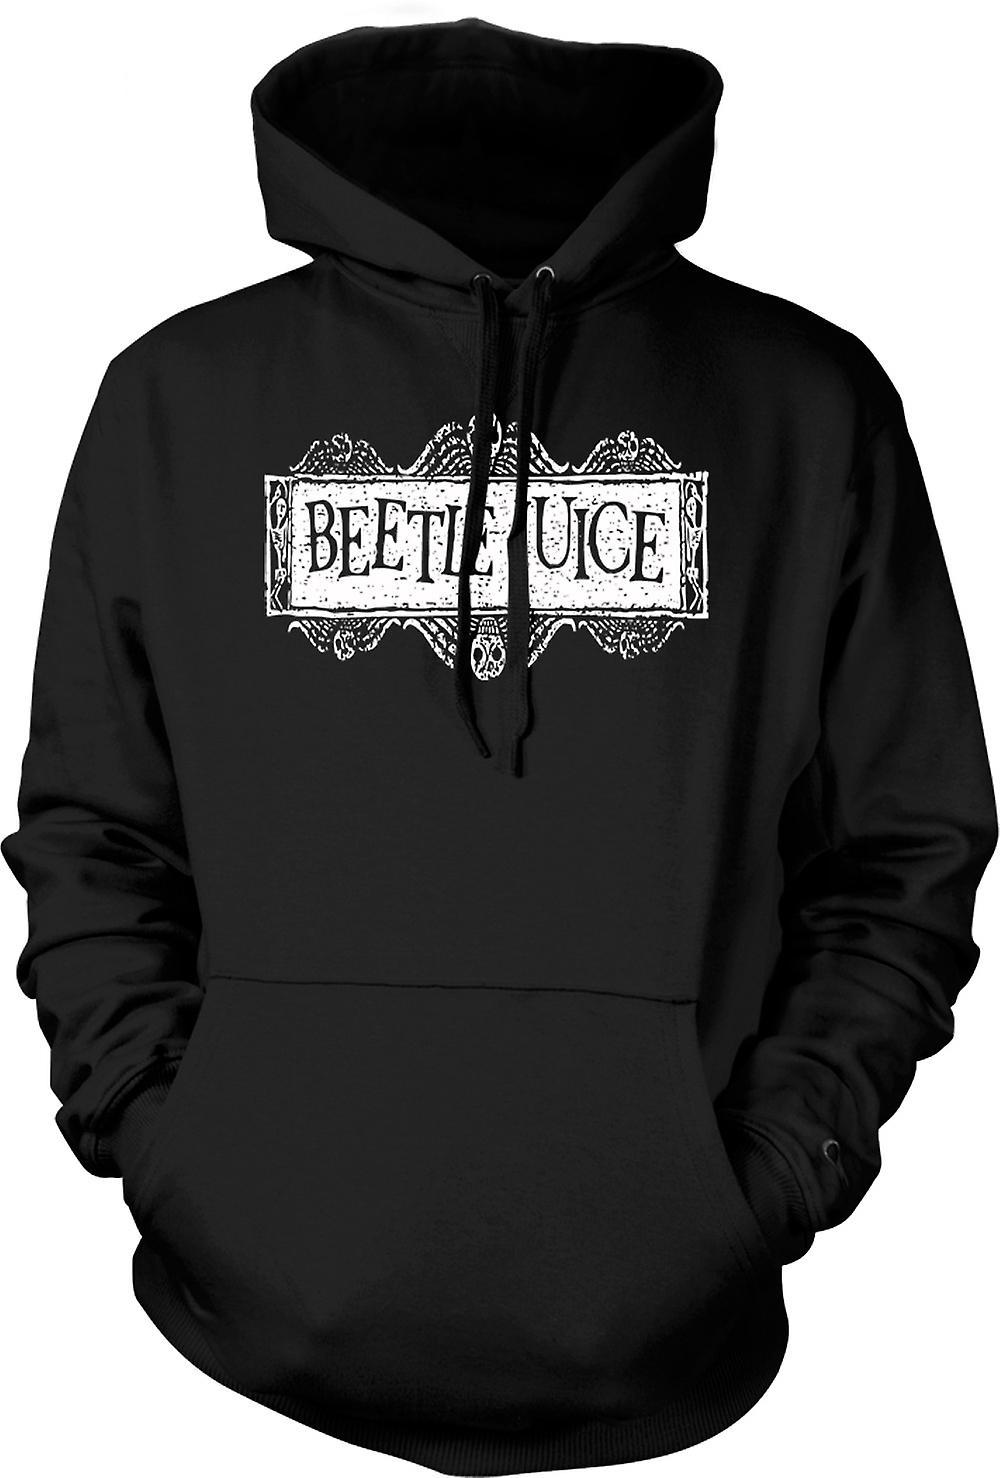 Mens hettegenser - Beetlejuice - komedie - Horror - Funny